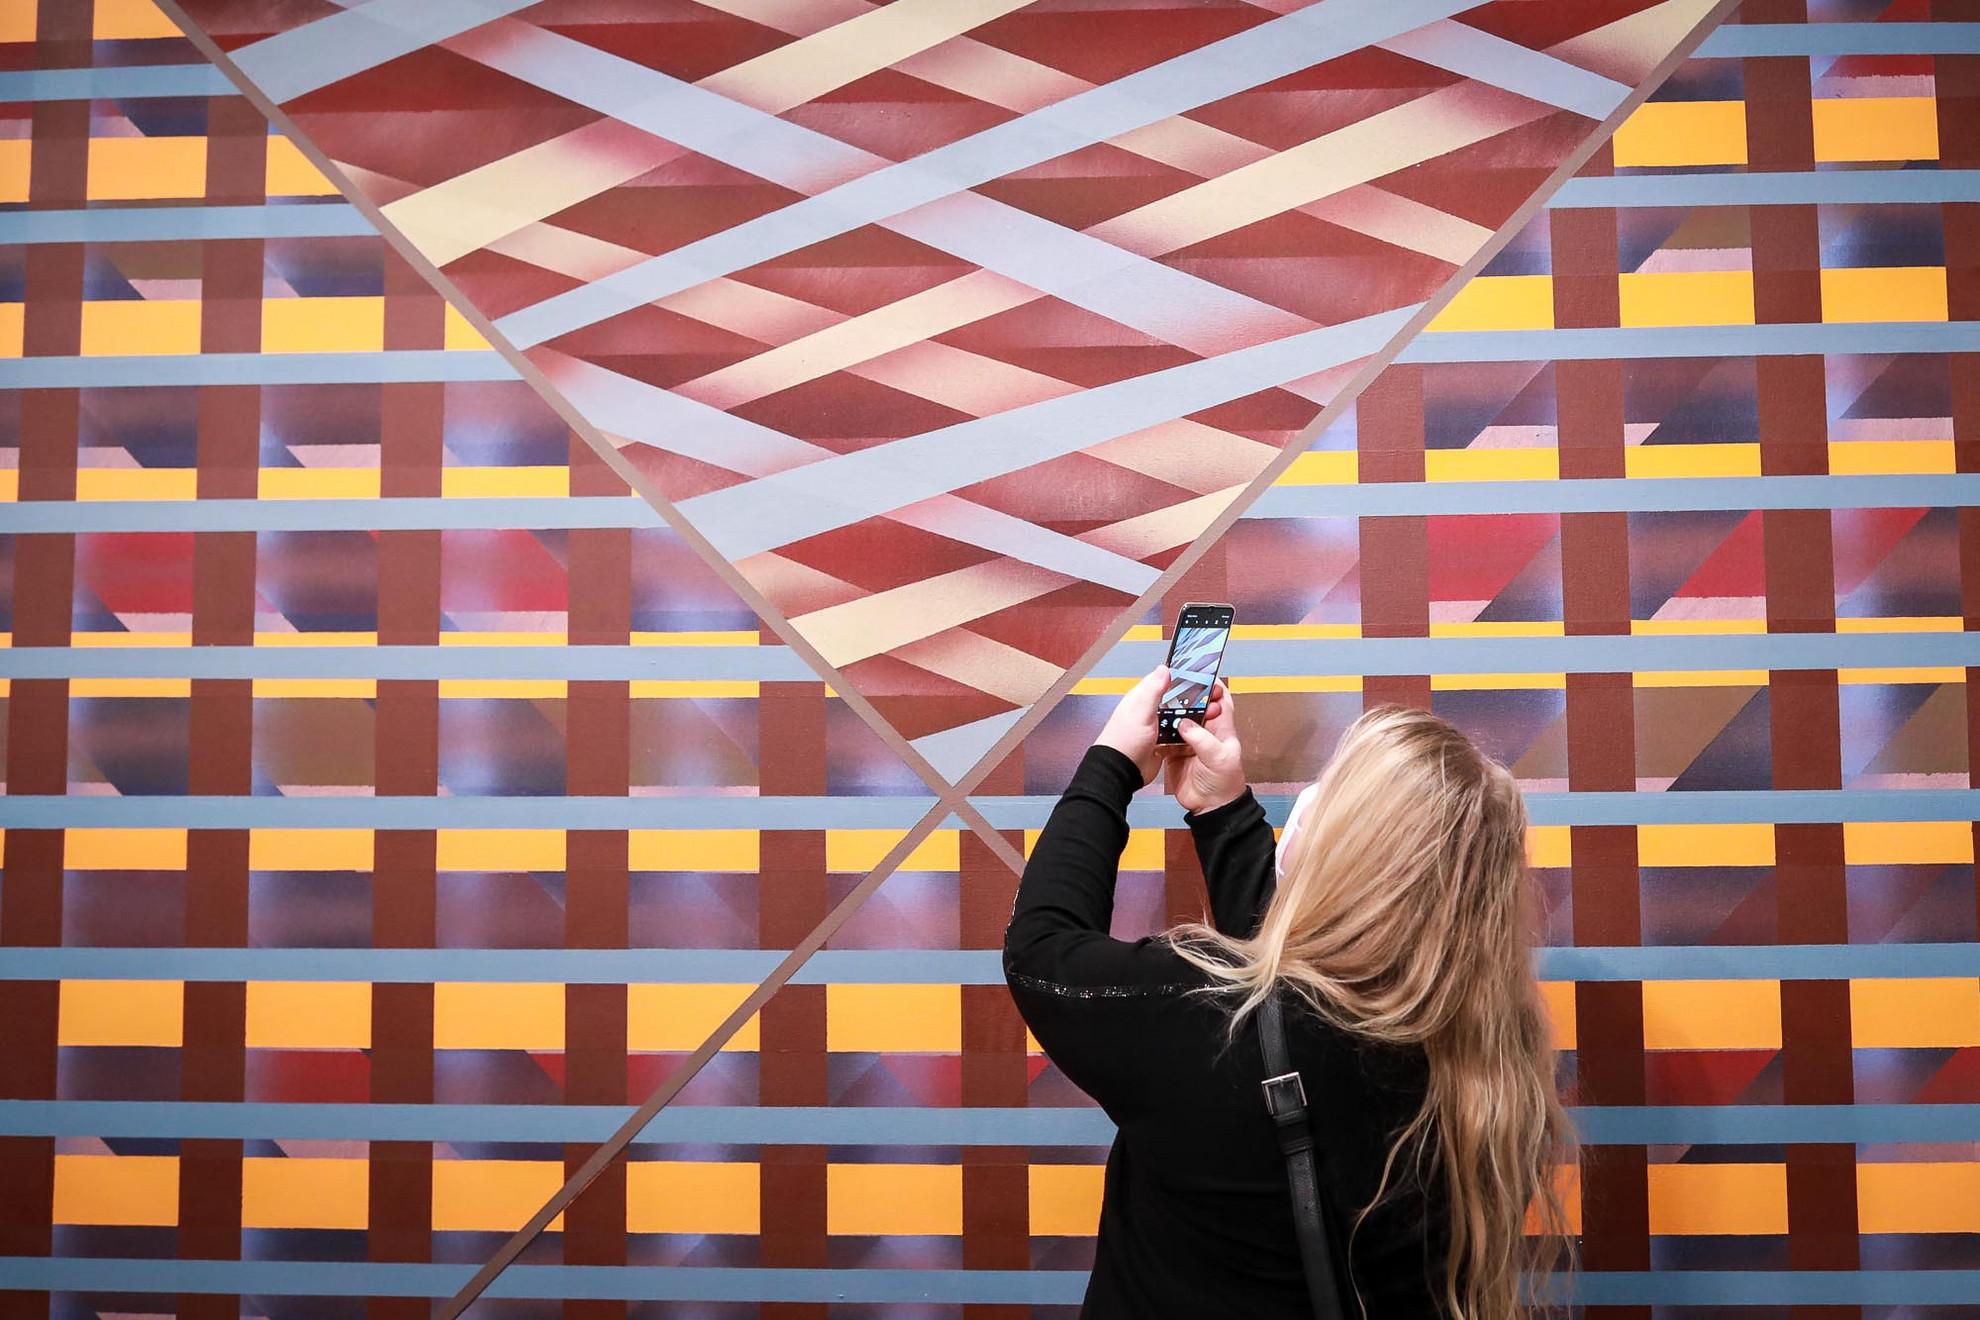 A mintegy száztíz Scully-művet bemutató kiállításon a monumentális festmények mellett szerepelnek papírmunkák, illetve megjelenik egy-egy plasztika és fotó is